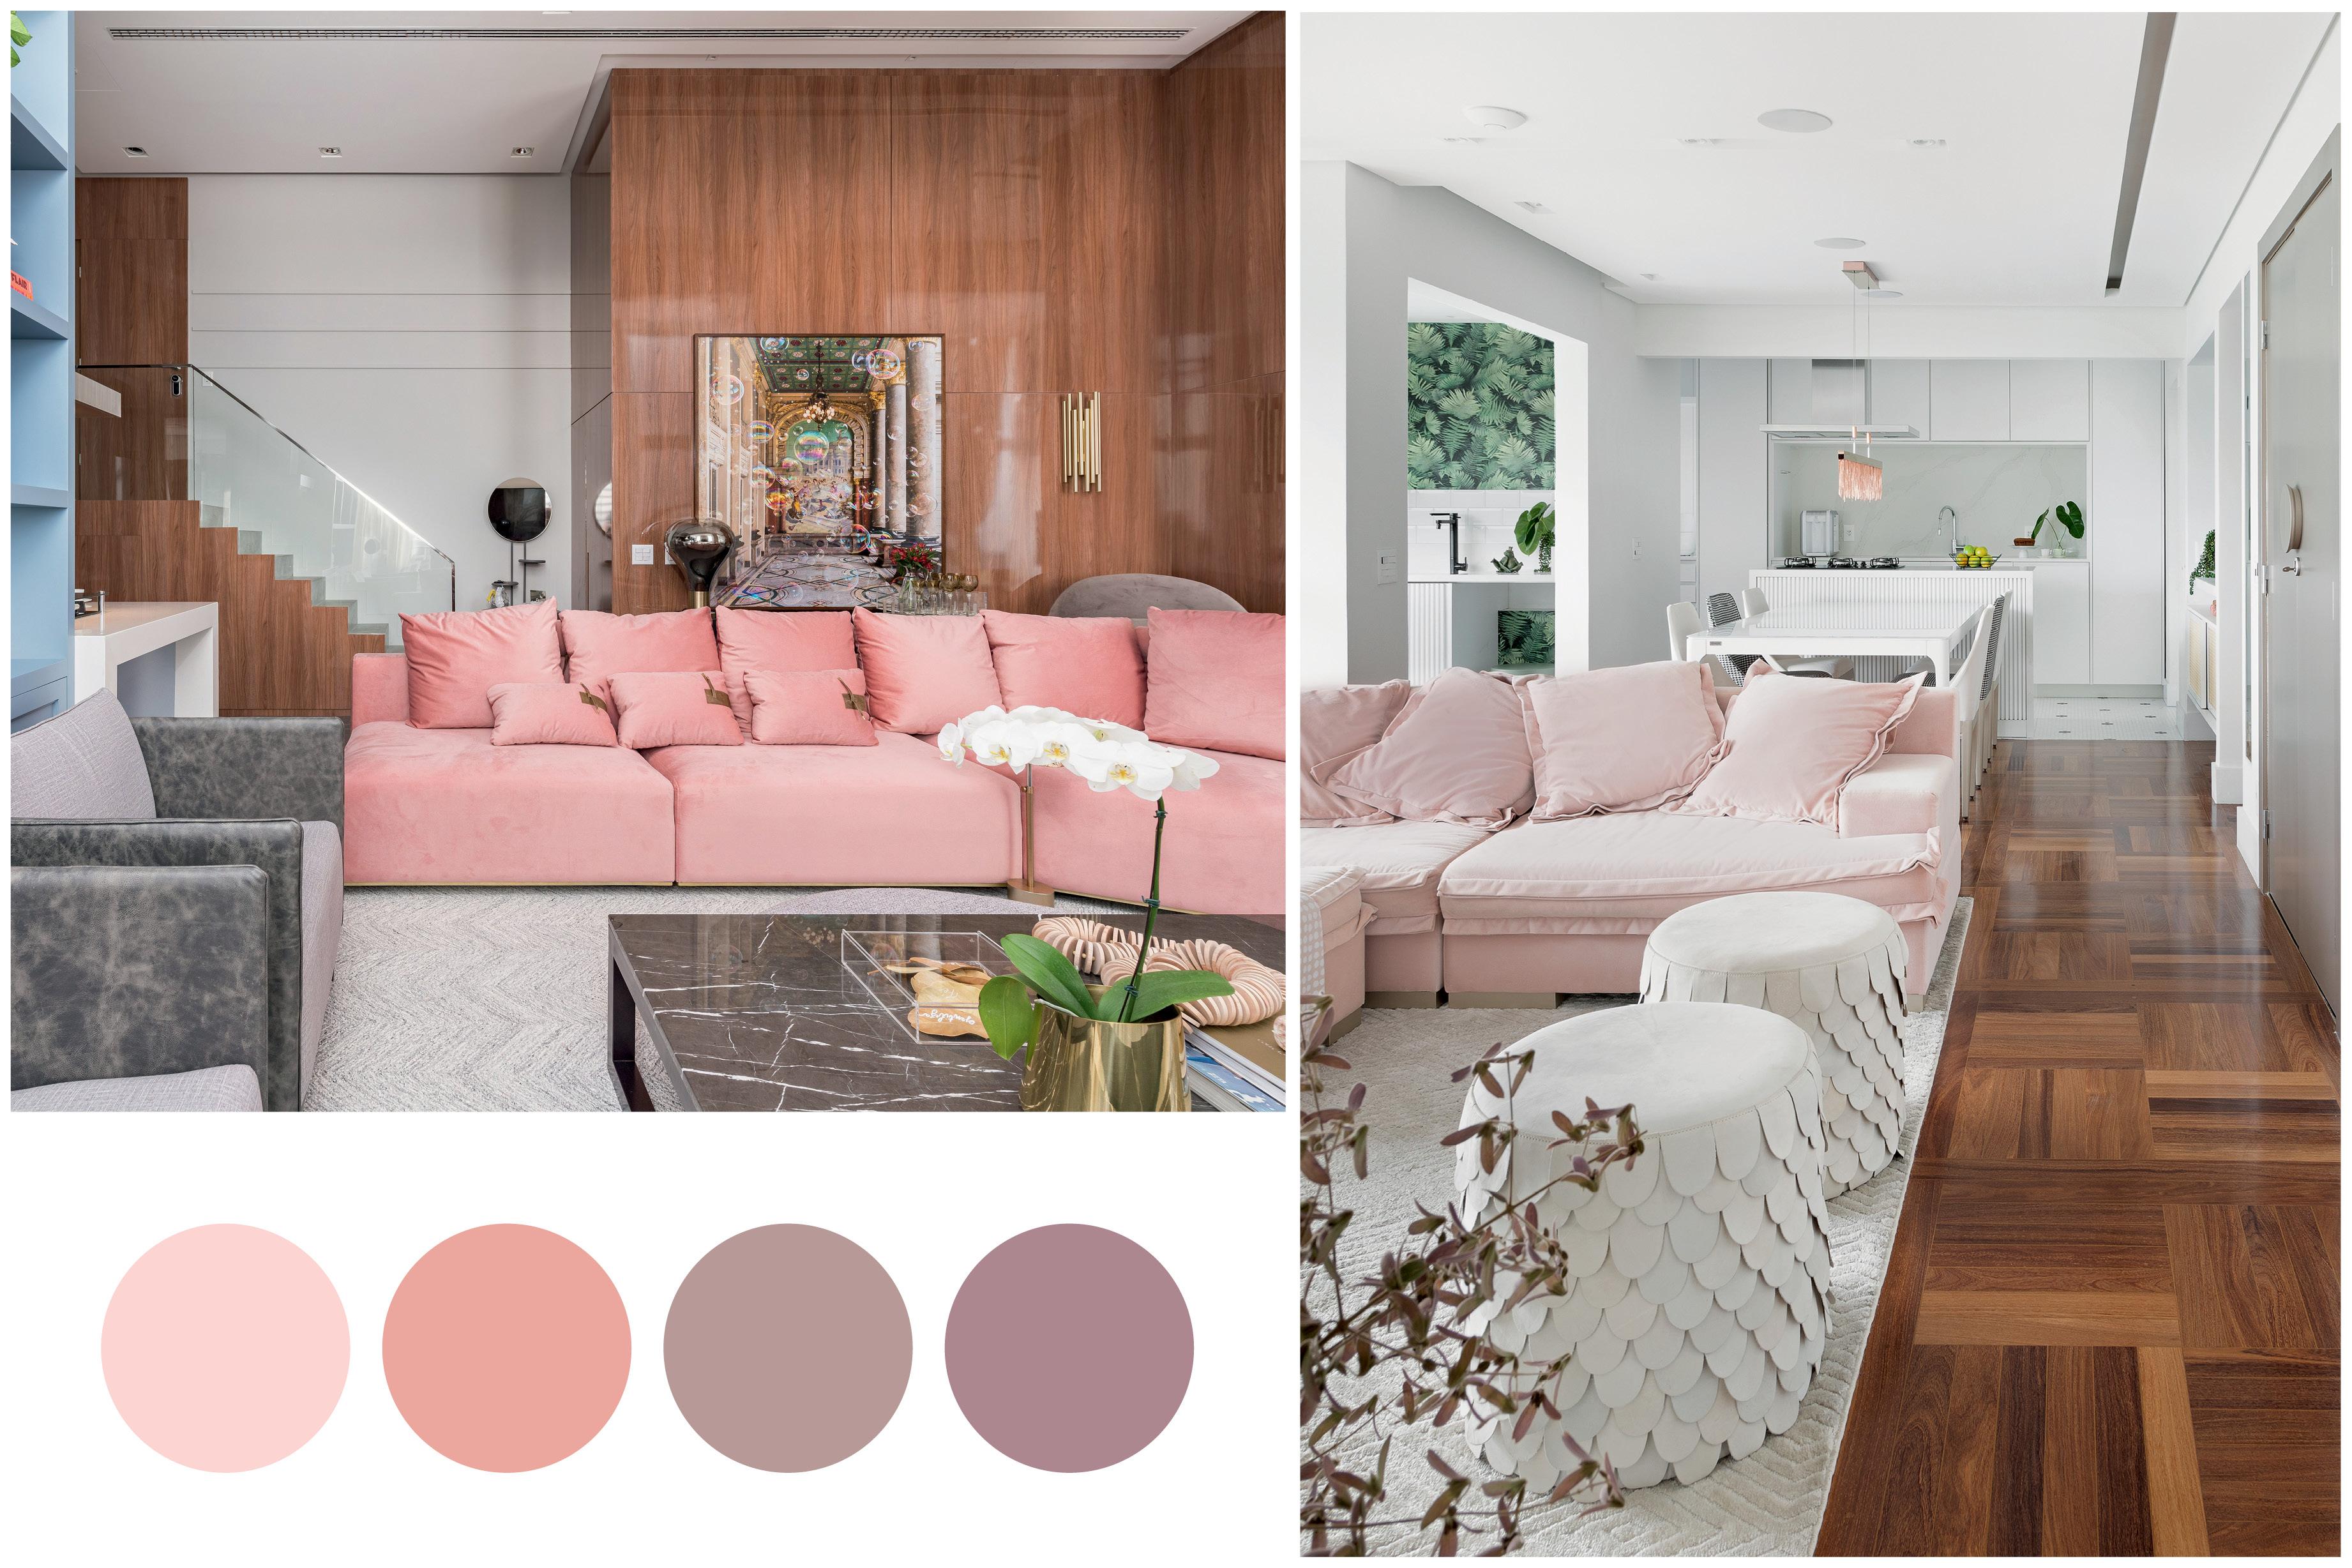 sofás coloridos e paletas de cor